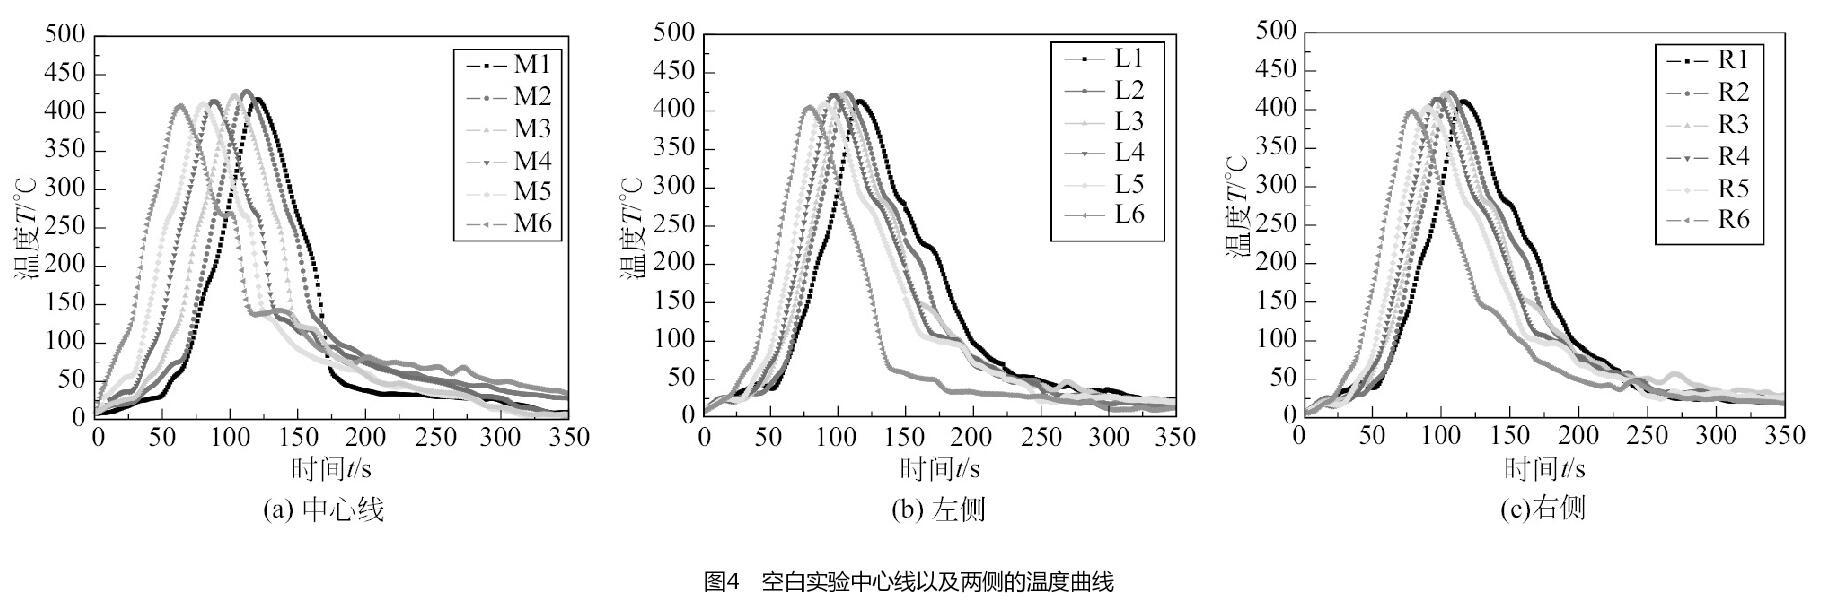 空白实验中心线以及两侧的温度曲线